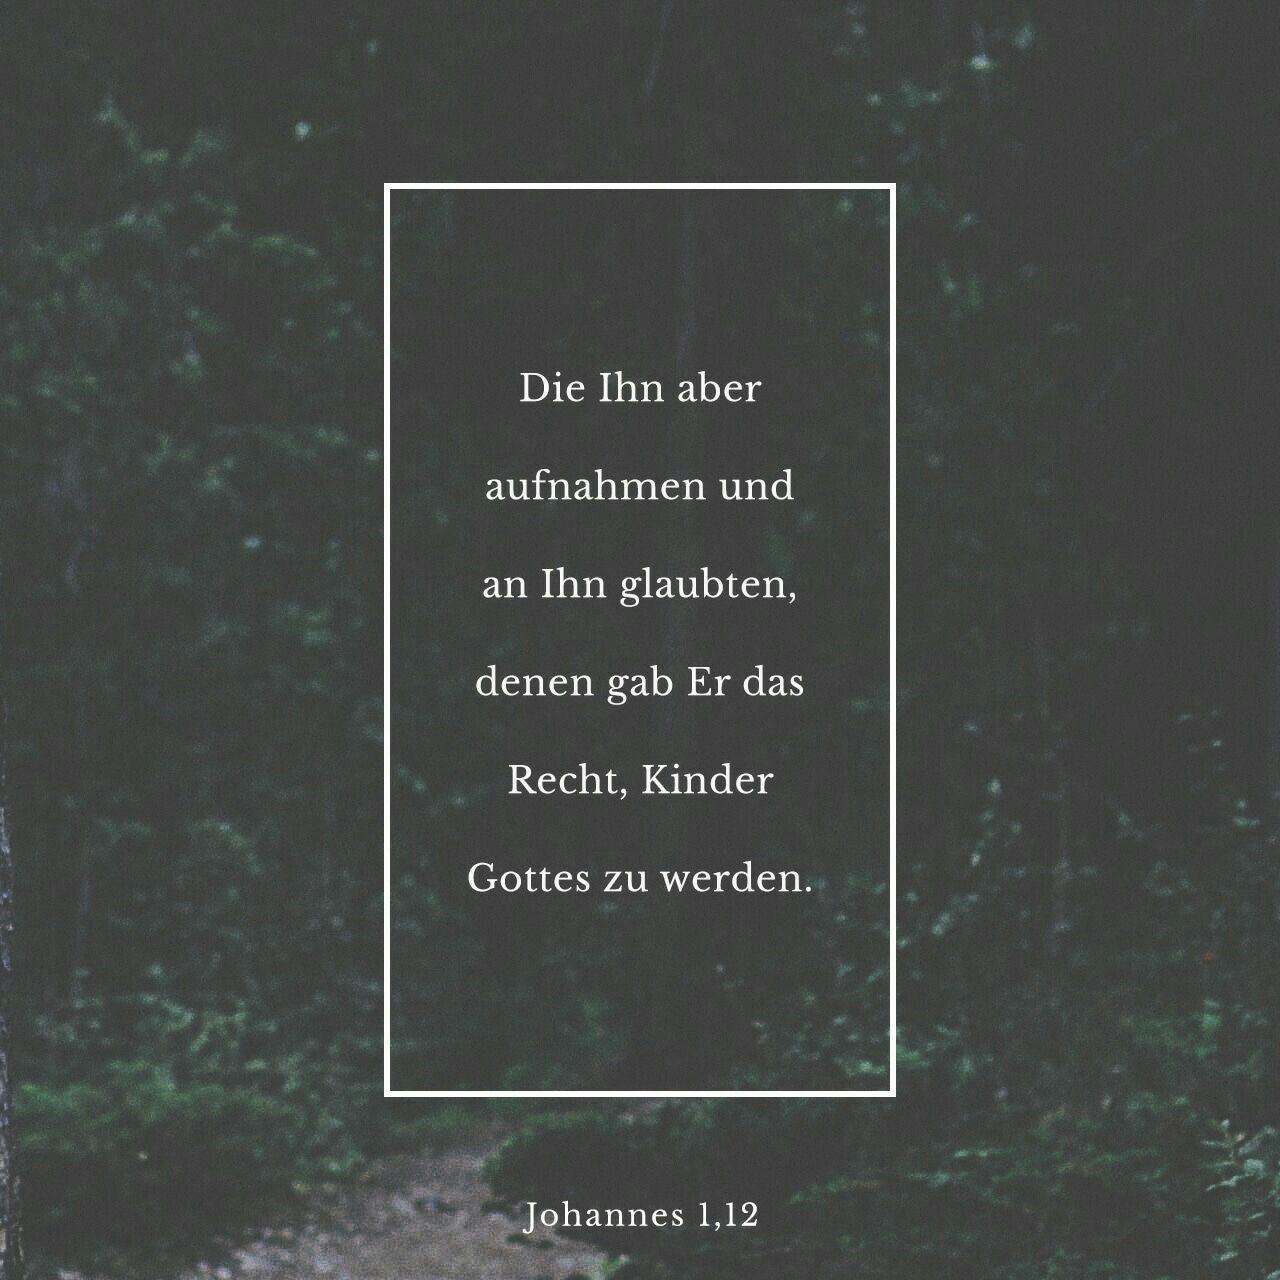 pin von silvia ruf auf göttliche inspiration - so ist gott